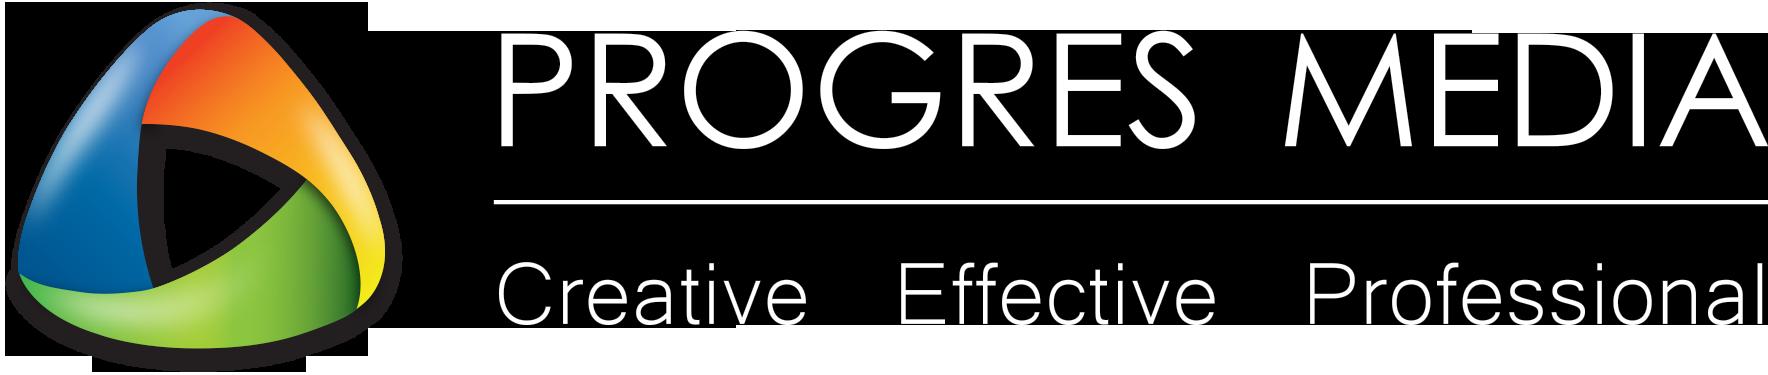 Logo_white Text